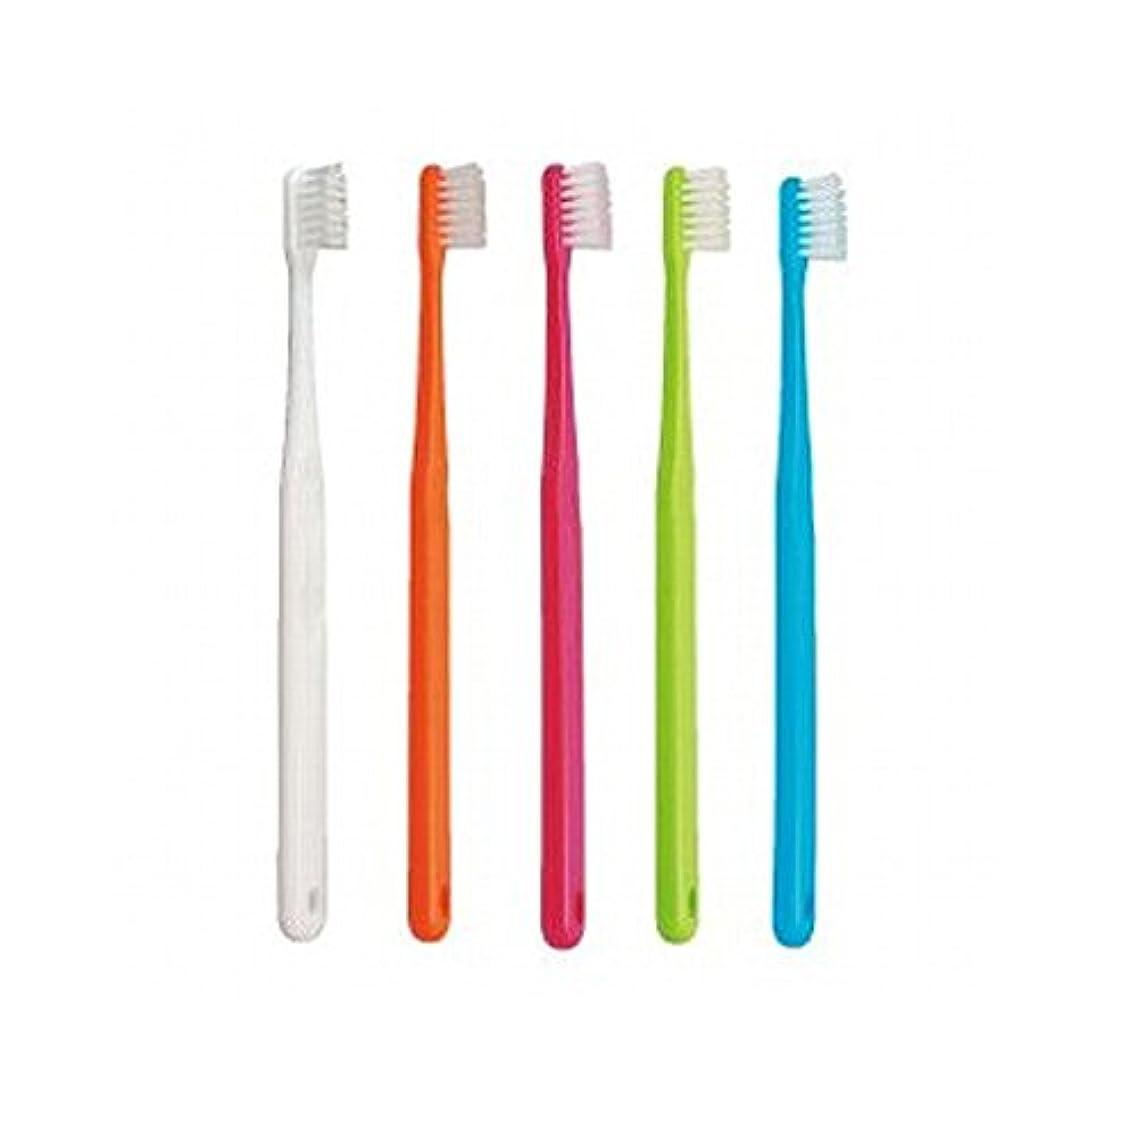 エーカー窒素赤【Ci/シーアイ】【歯科用】Ci701 25本【歯ブラシ】【ややかため】【極薄ヘッド】ハンドルカラー5色選択不可